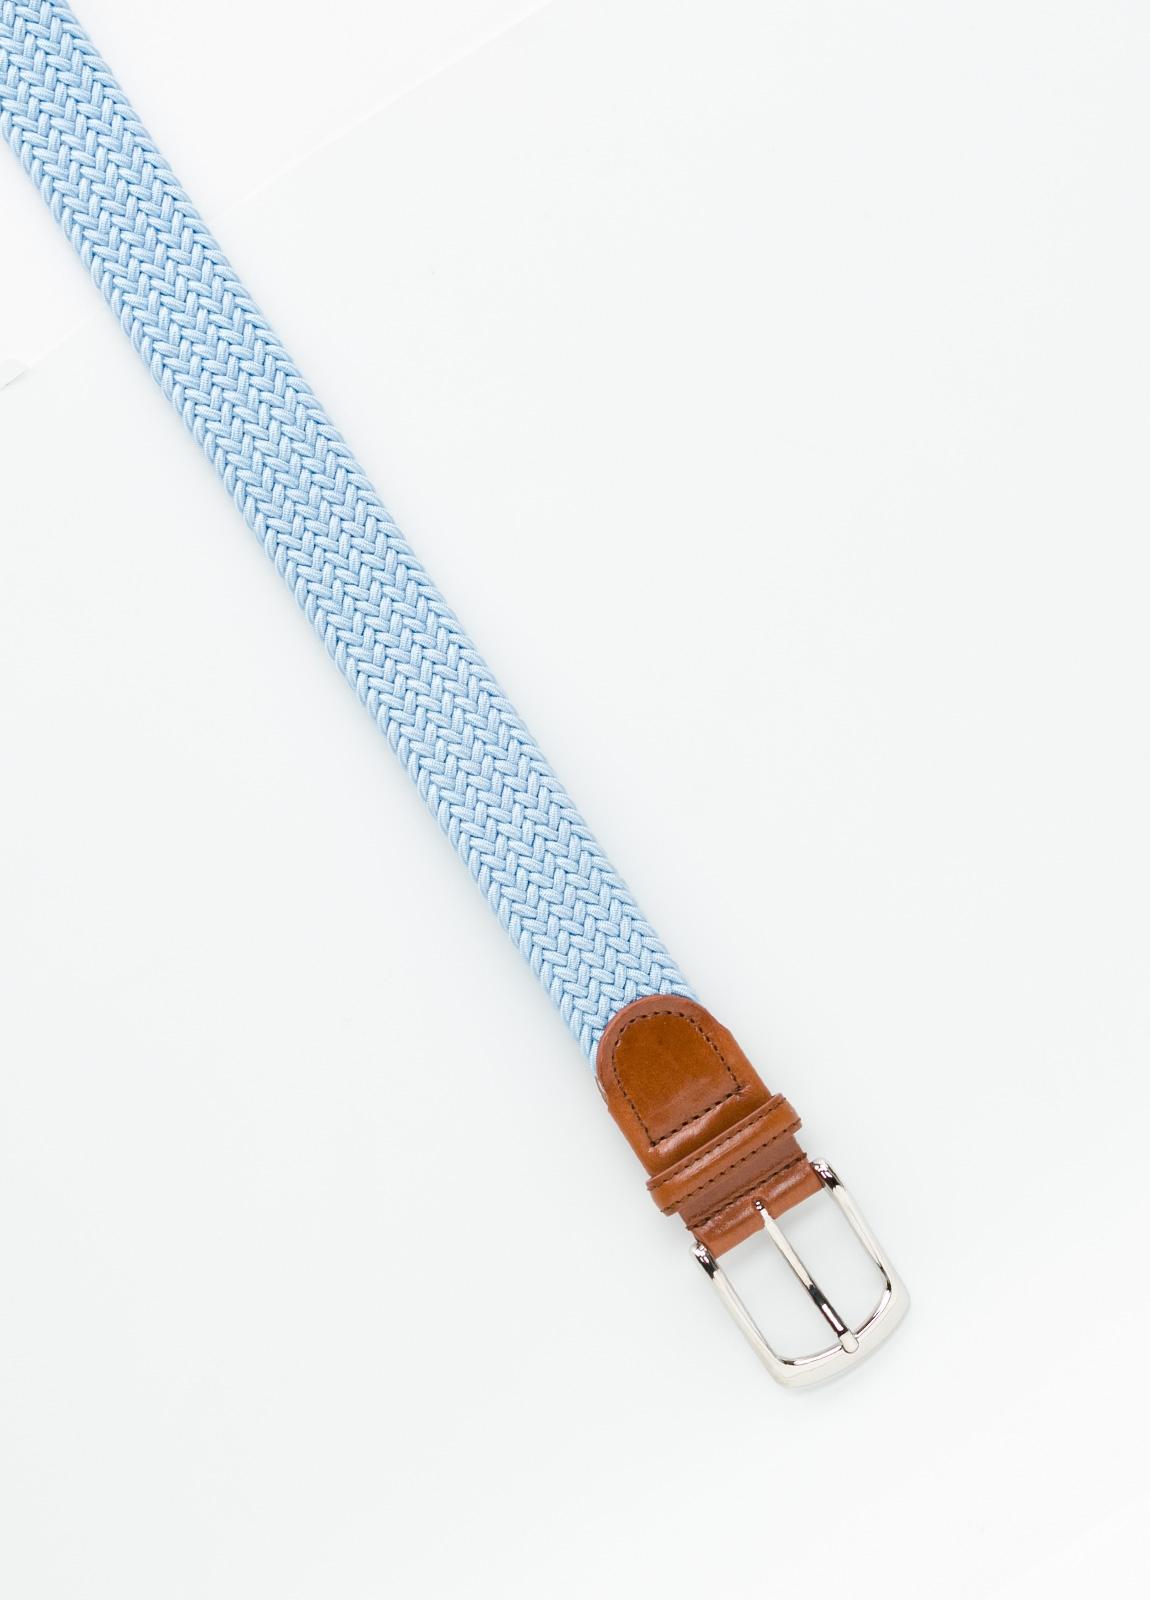 Cinturón Sport trenzado color celeste. 100% Rayón. - Ítem1